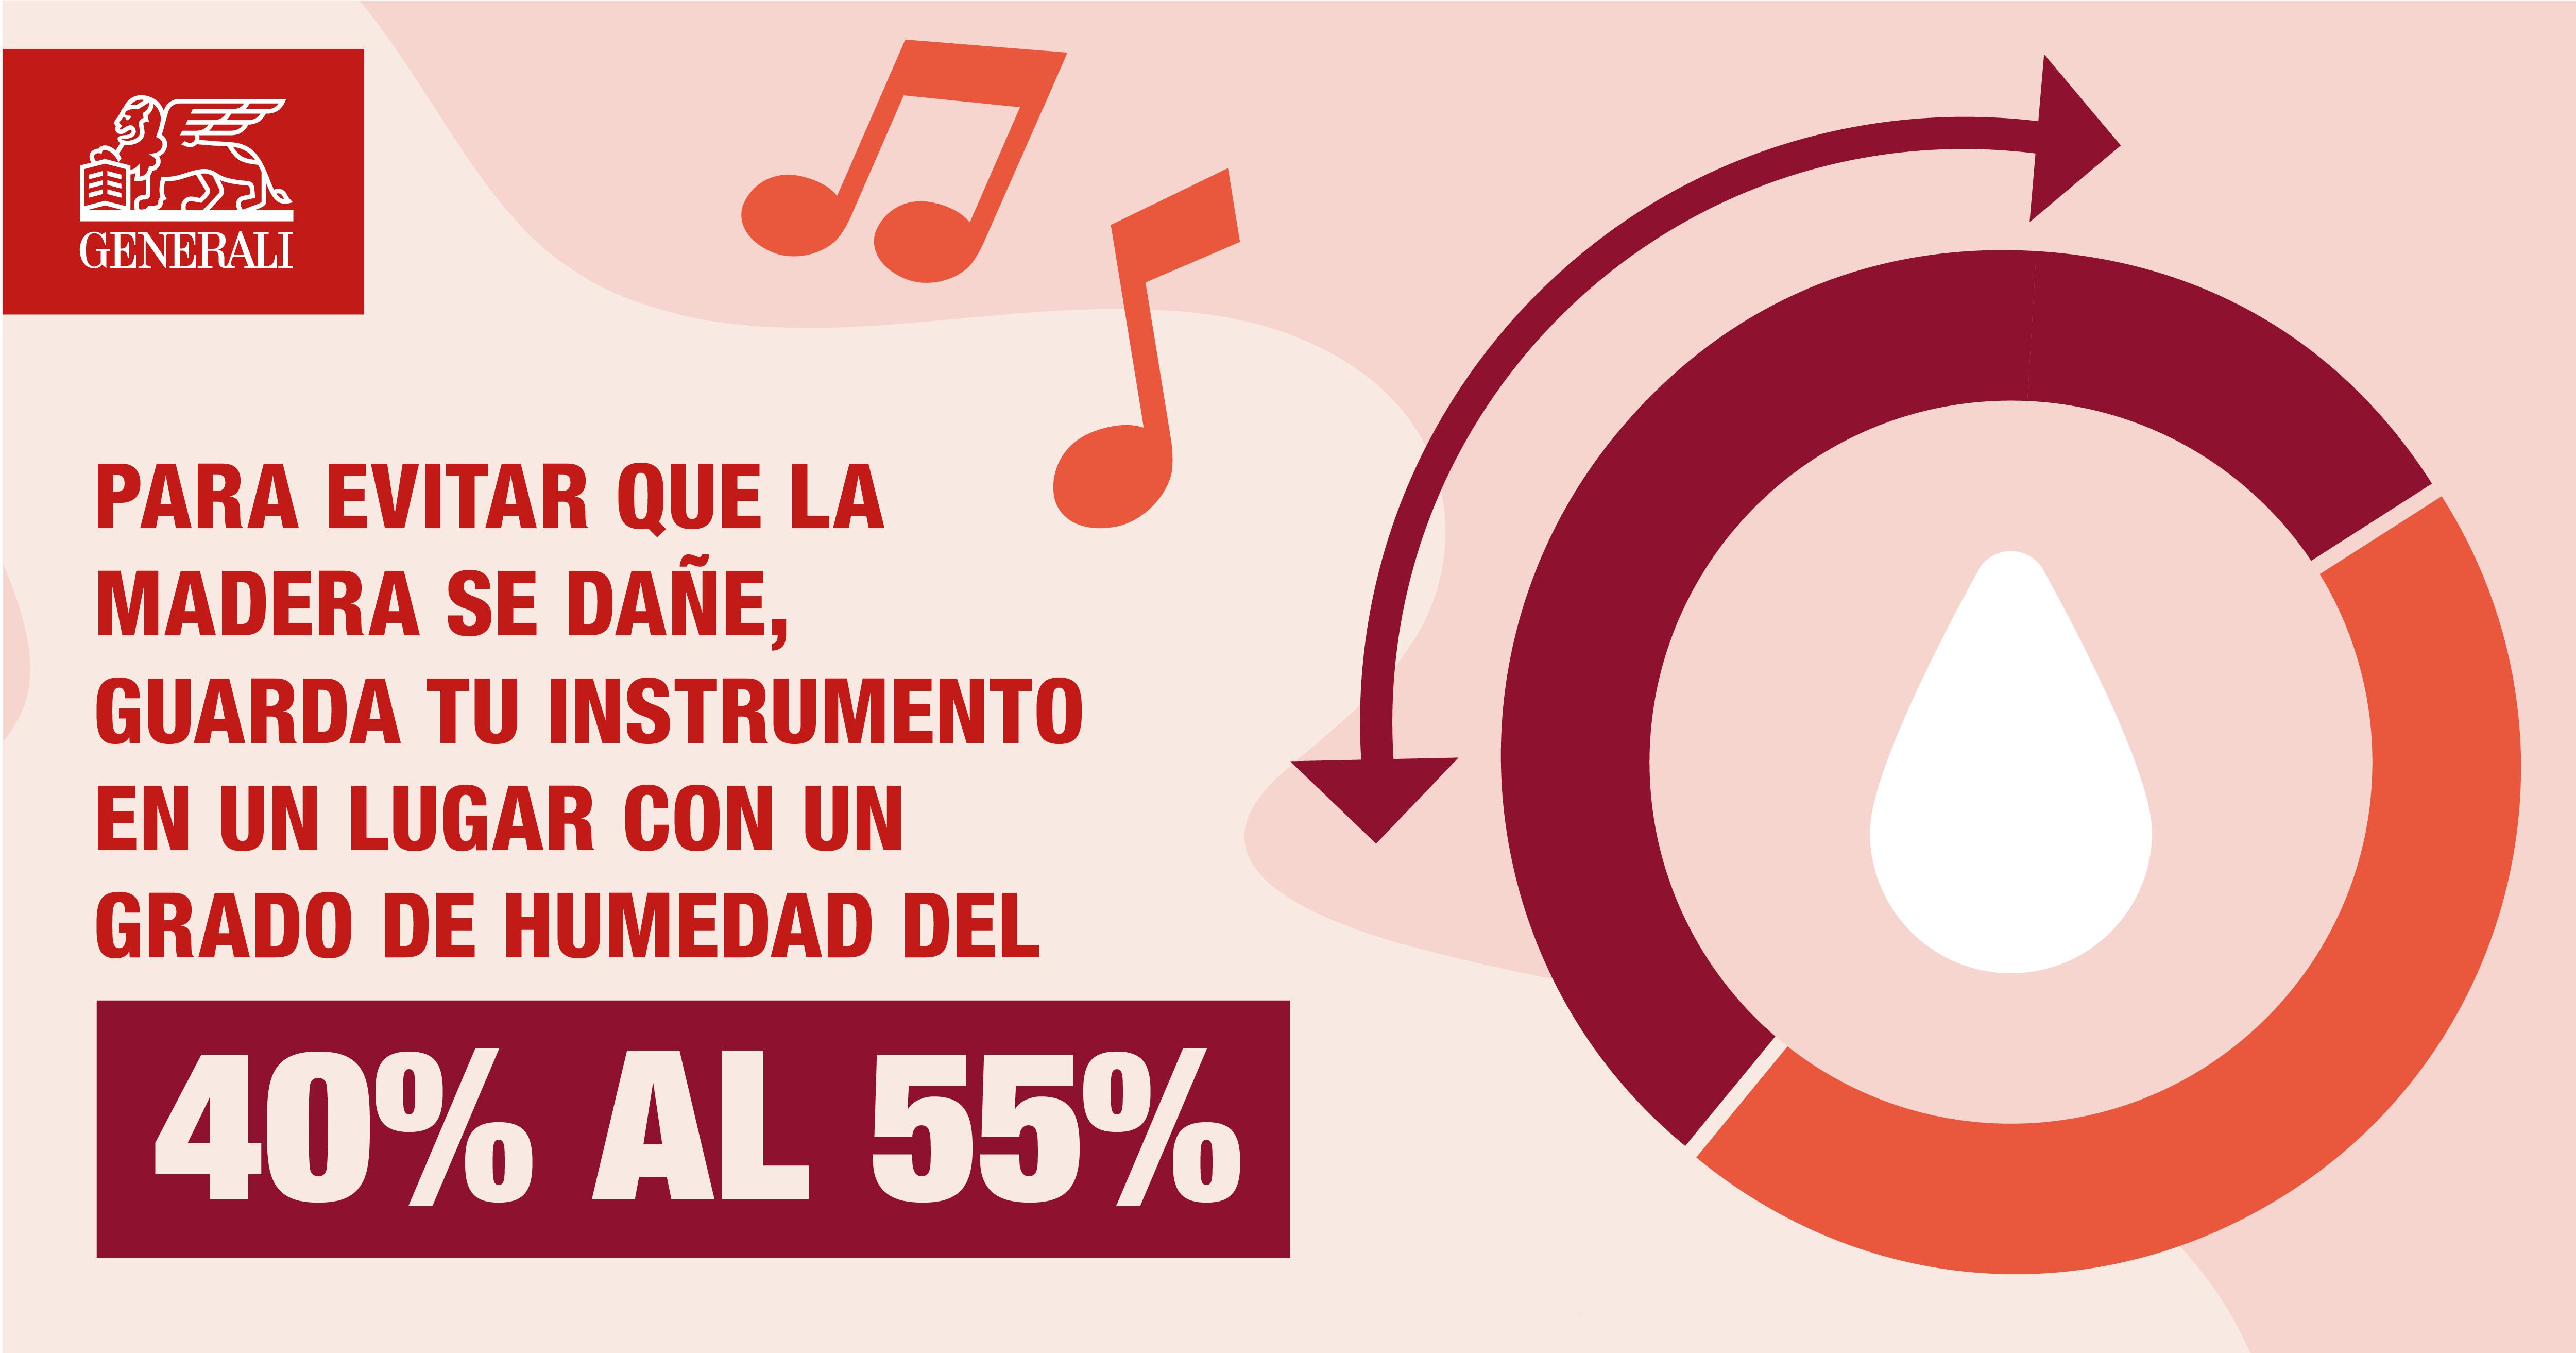 Generali_Spain_HowtoProtectMusicalInstruments_mini-02.png